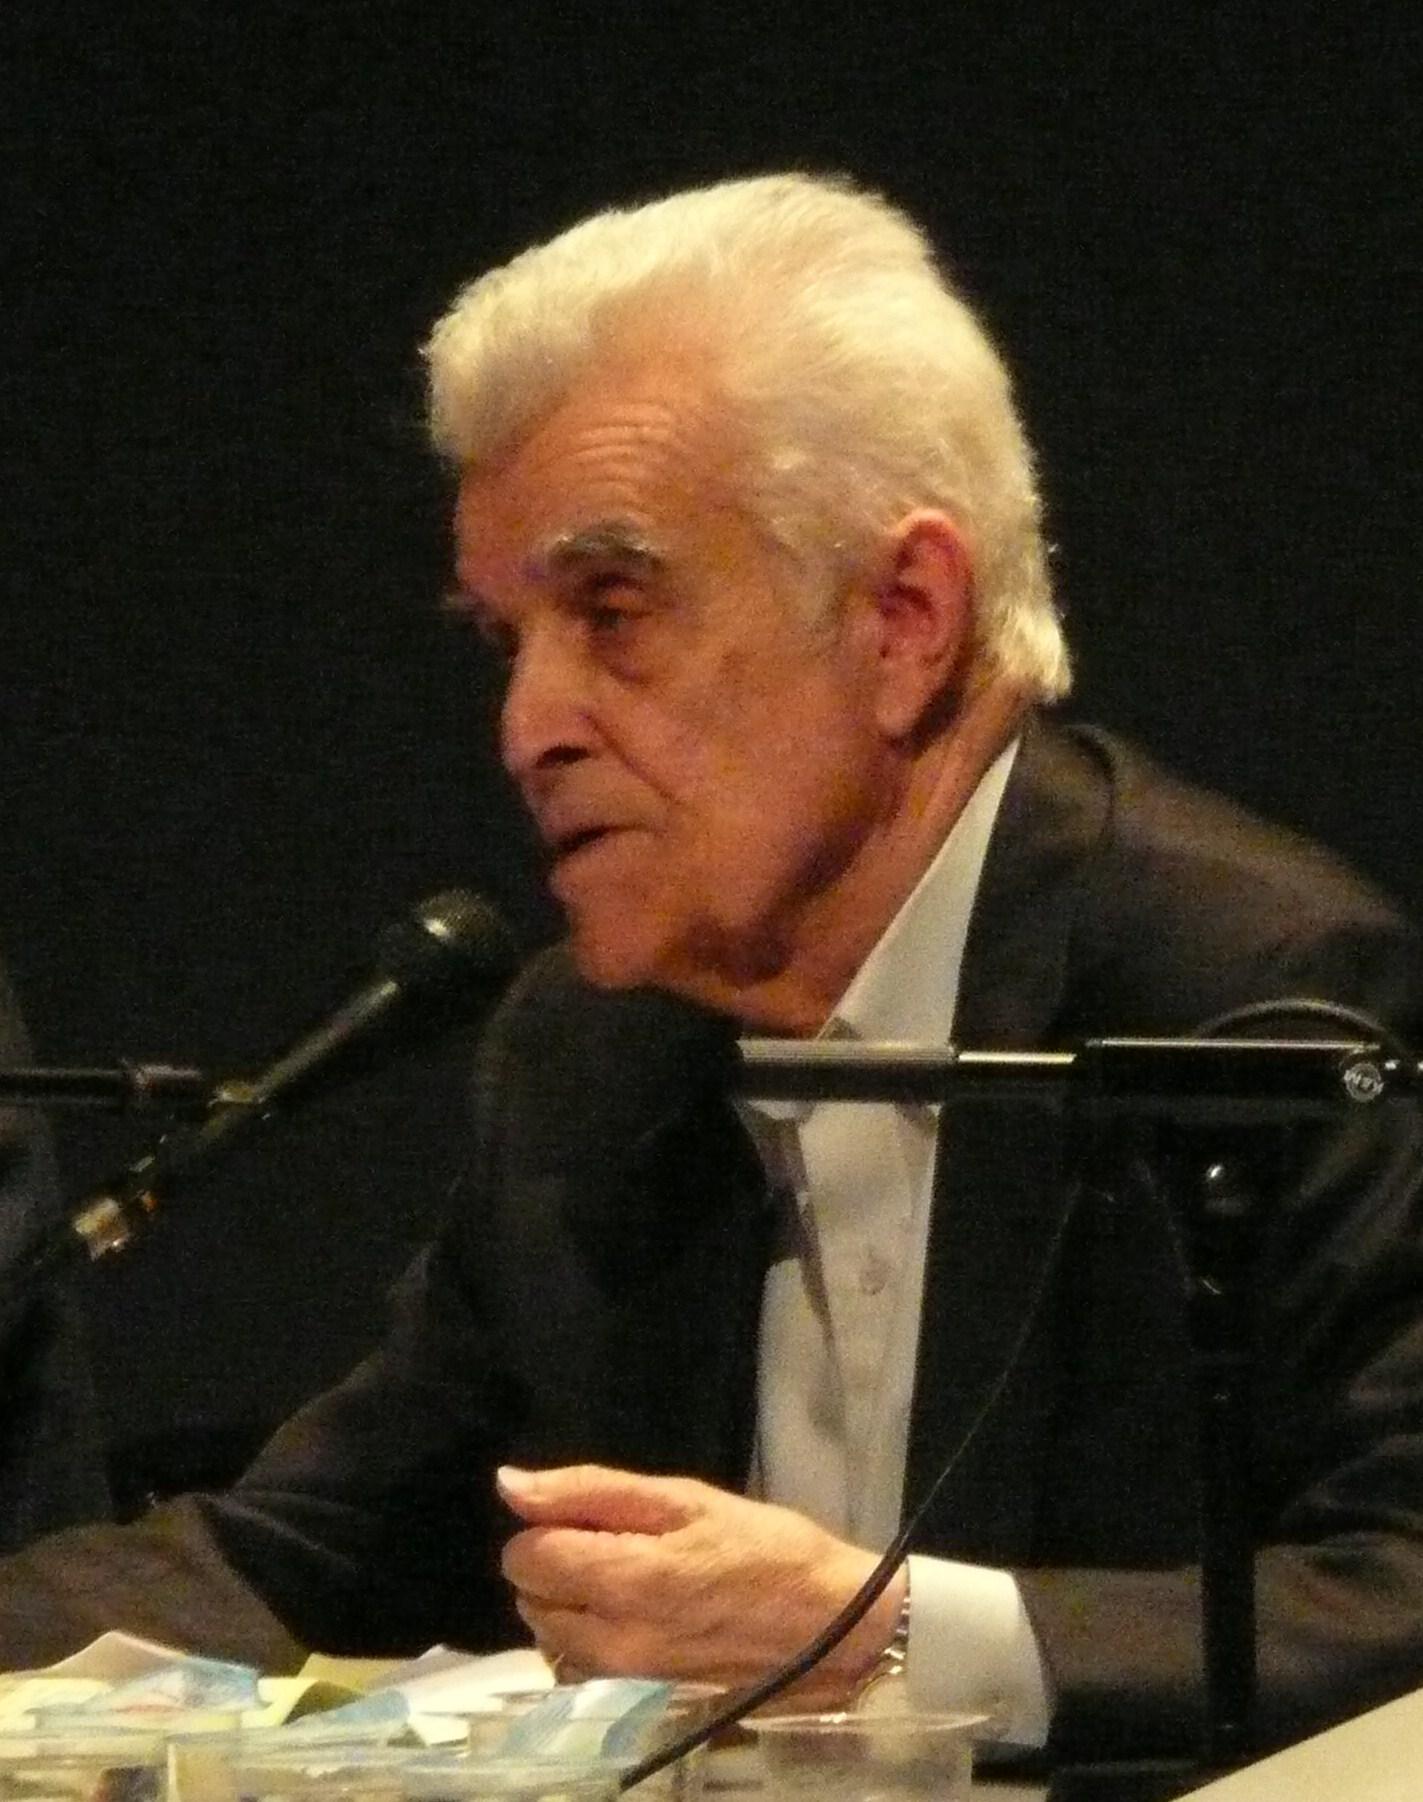 Girard in 2007